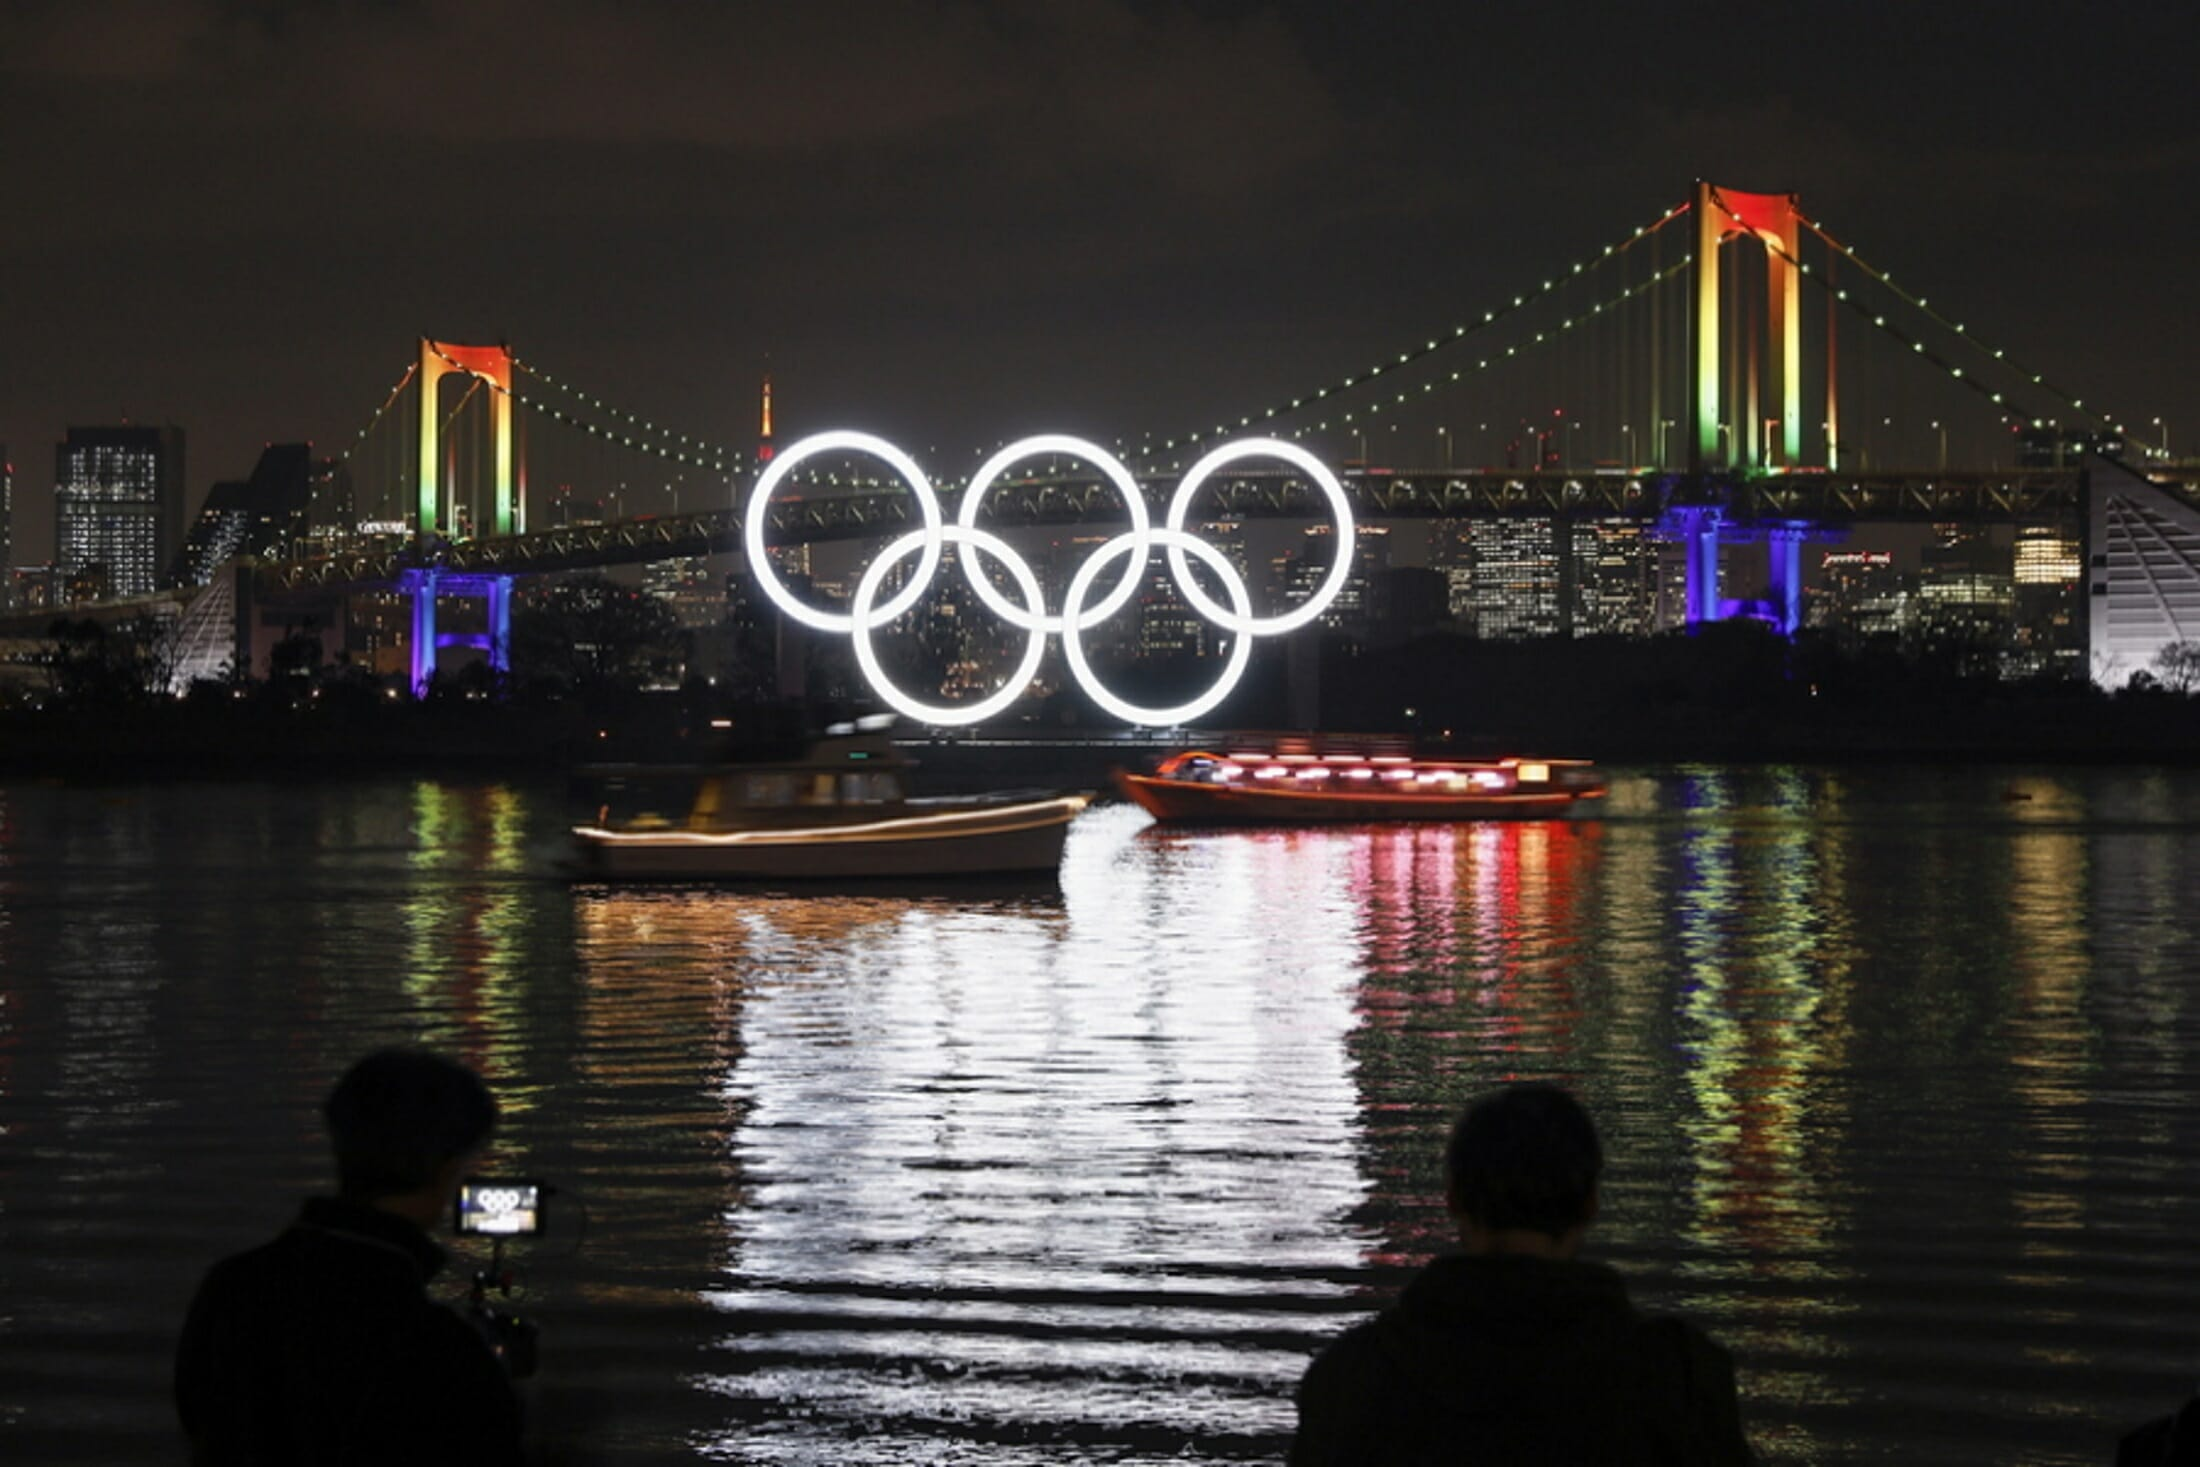 """Ολυμπιακοί Αγώνες Τόκιο: """"Βόμβα"""" από… ΔΟΕ για ενδεχόμενο ακύρωσης λόγω κορονοϊου!"""